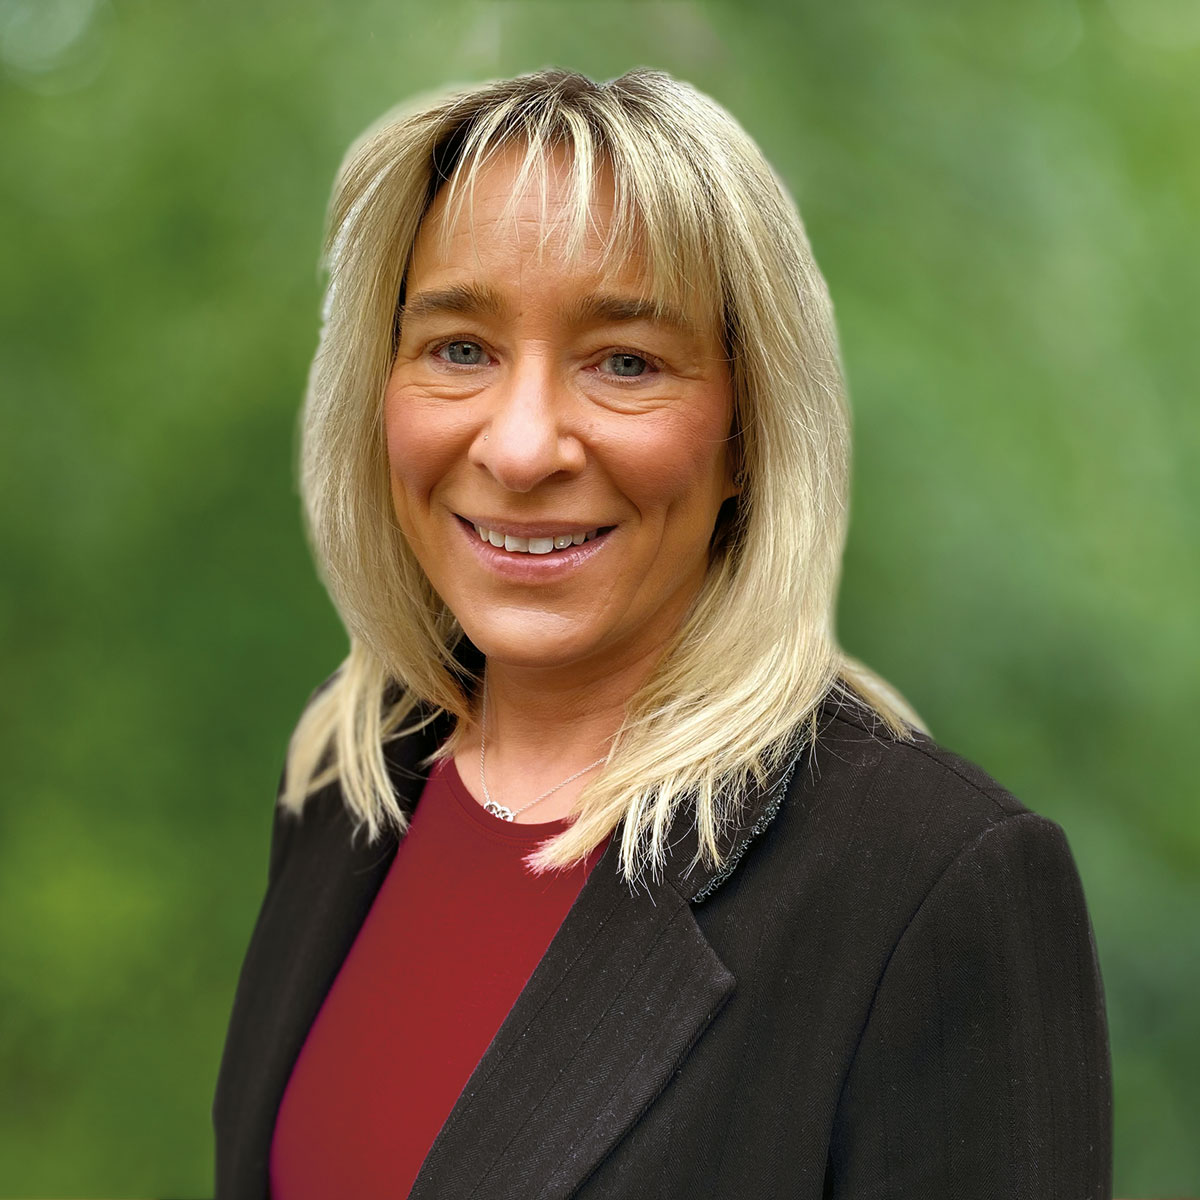 Carmen Büser